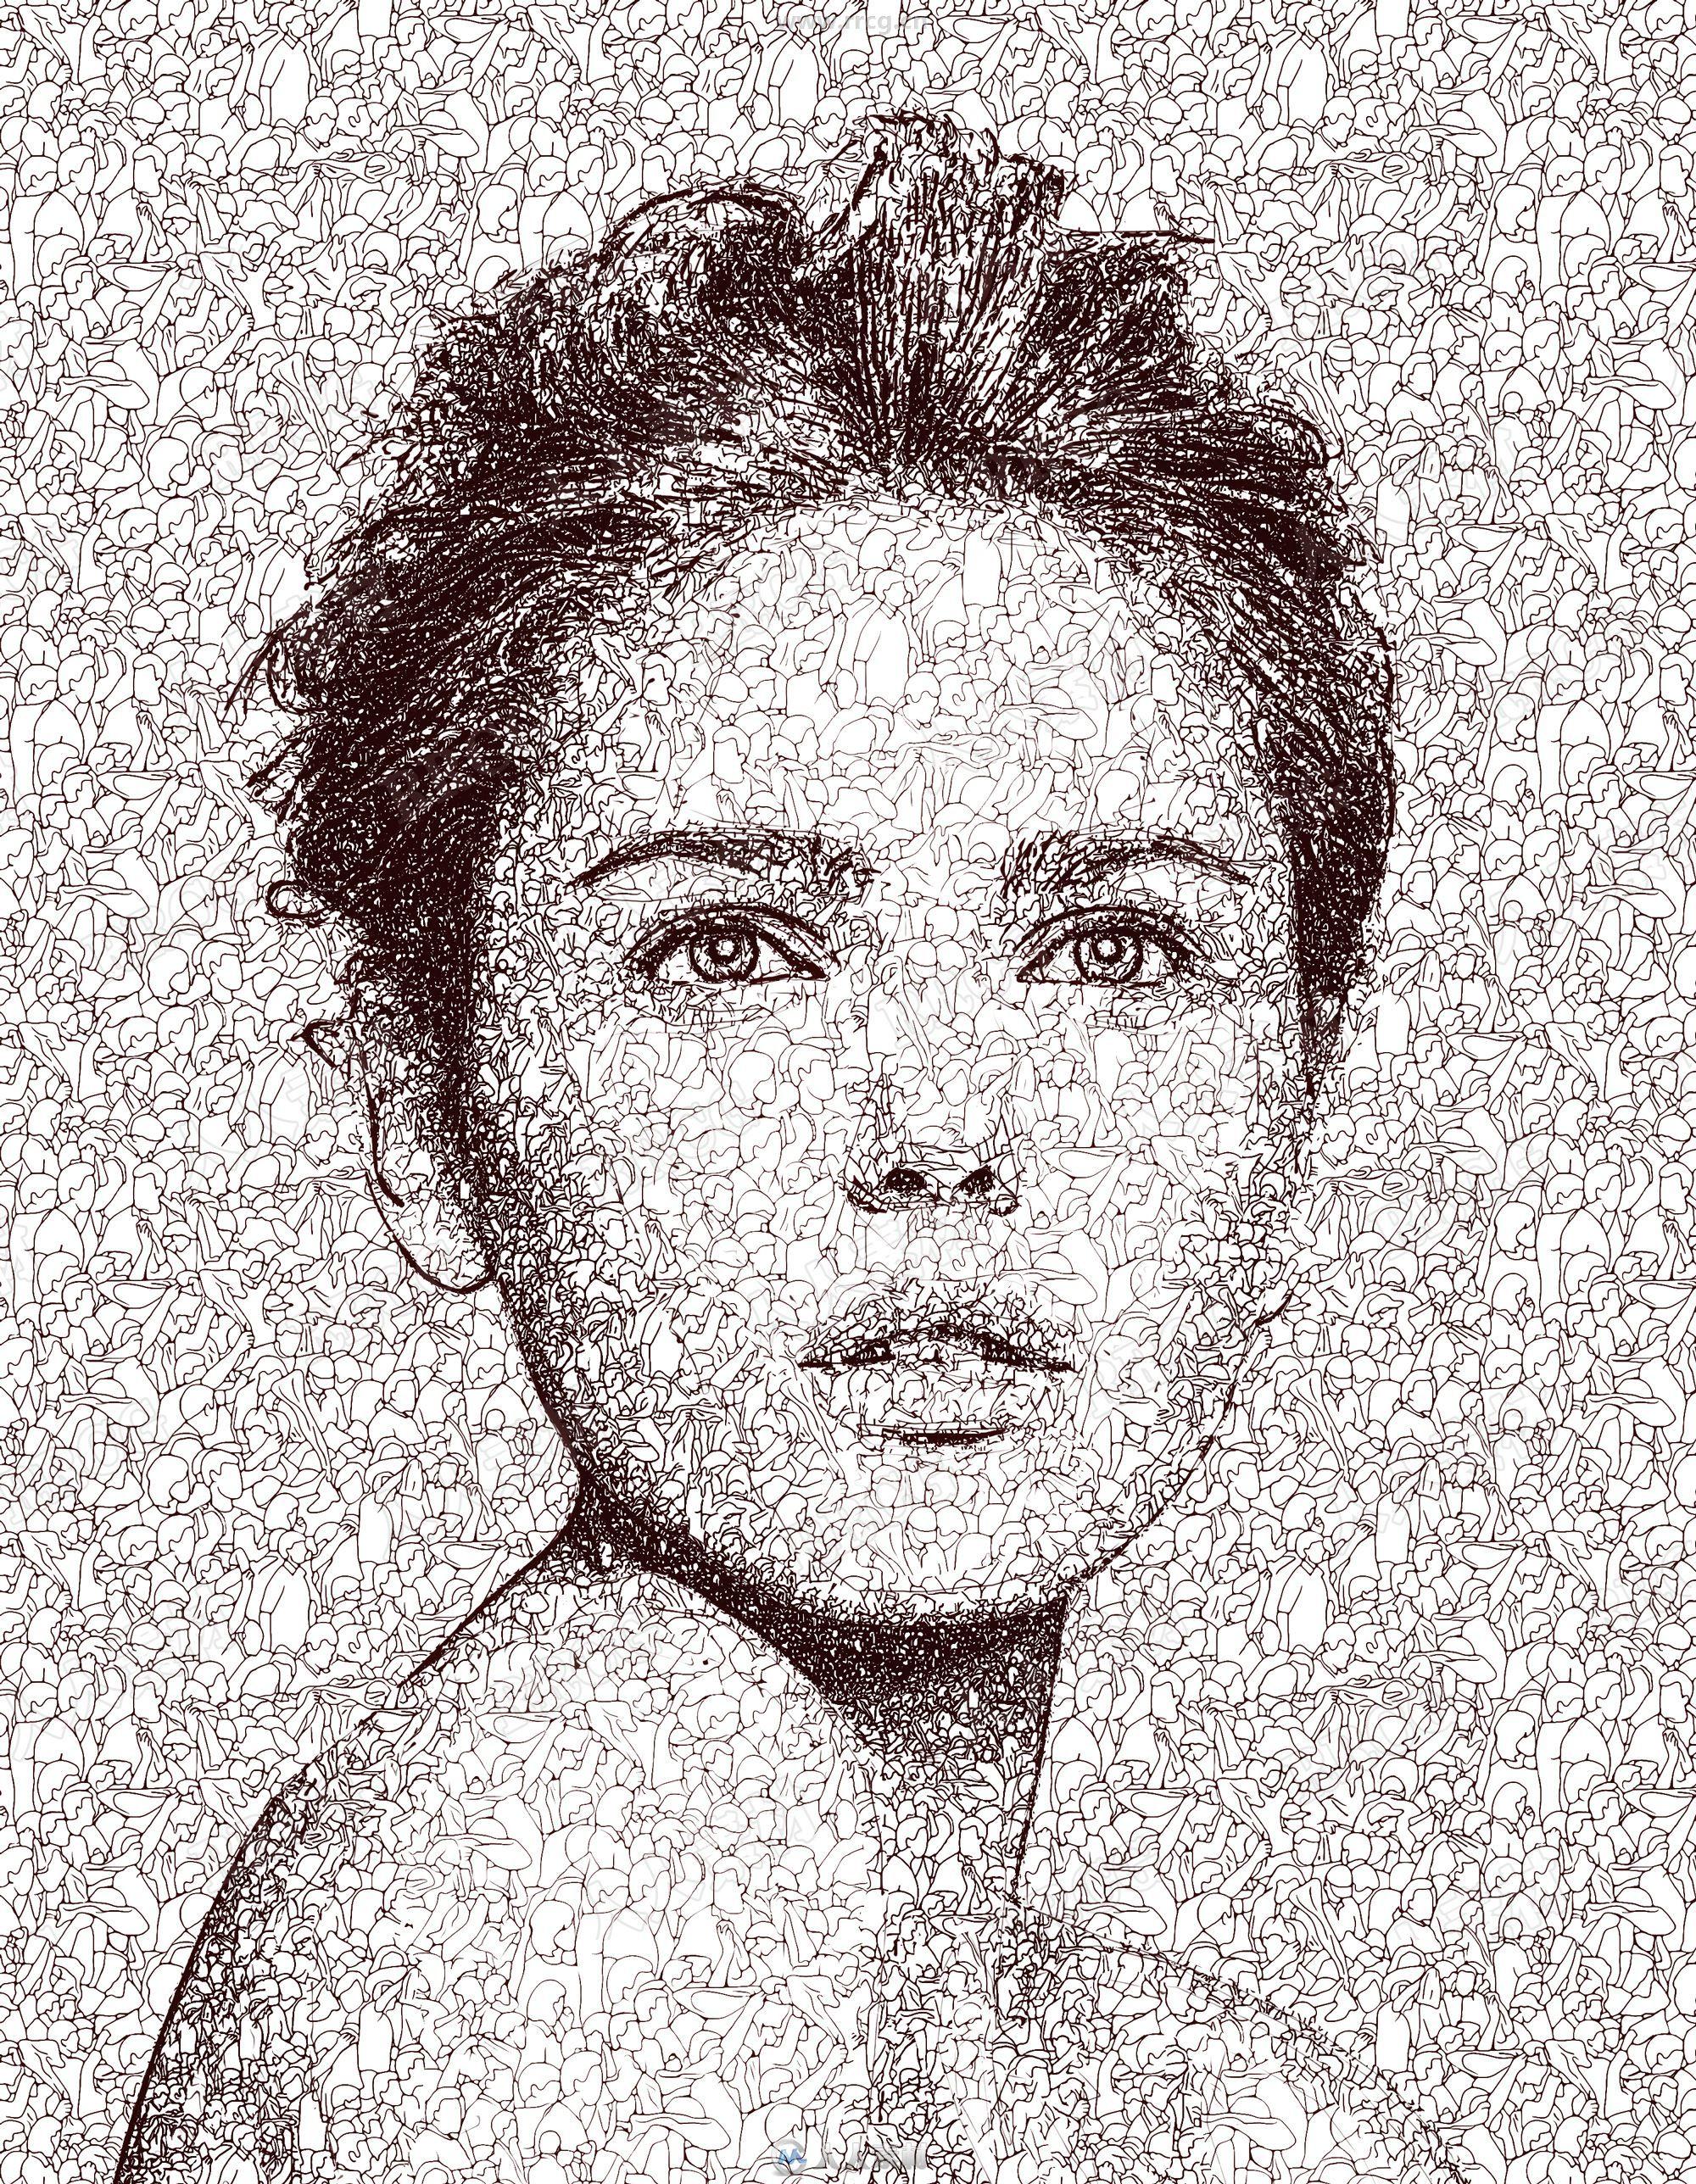 无数个人物框架组合涂鸦绘图艺术图像处理特效PS动作